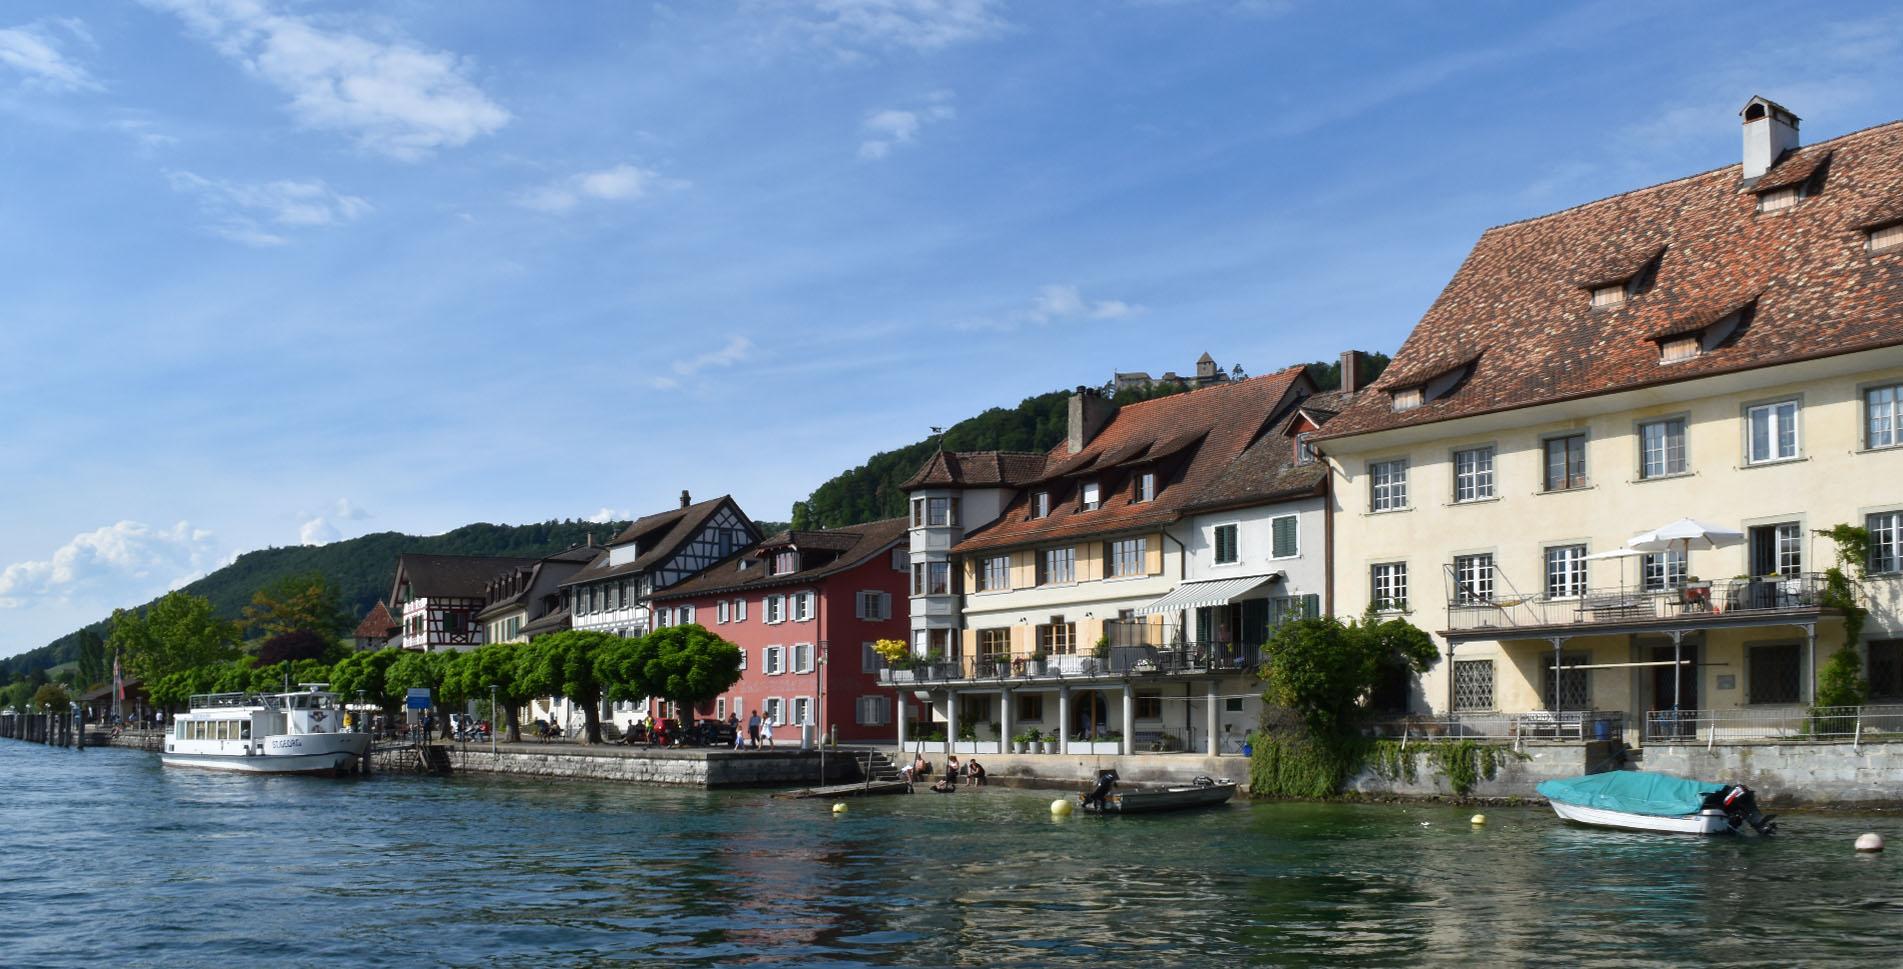 Wanderung von Steckborn nach Stein am Rheinauf auf der ViaRhenana Etappe 2 via Schloss Glarisegg, Burgruine Neuburg, Weiertobel, Mammern, Hochwacht, Klingenzell, Eschenz, Insel Weid